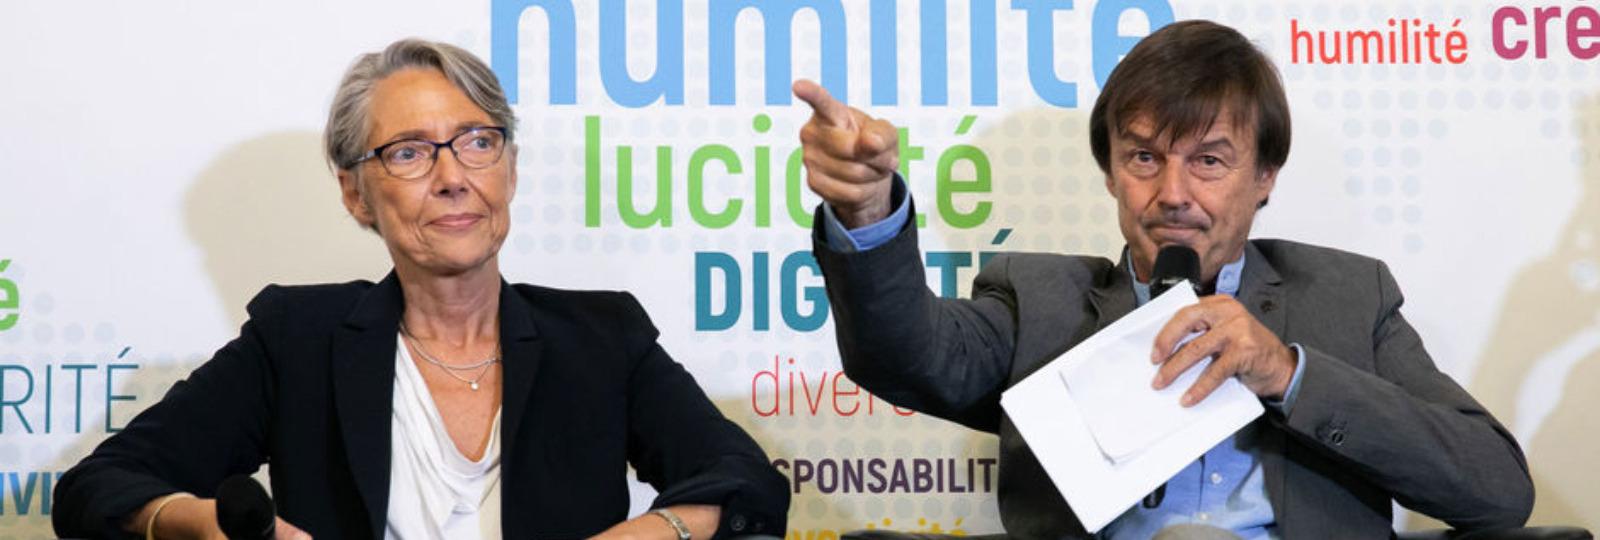 Les ministres Nicolas Hulot (Transition écologique et solidaire) et Elisabeth Borne (Transports) vendredi. (Sipa Press)